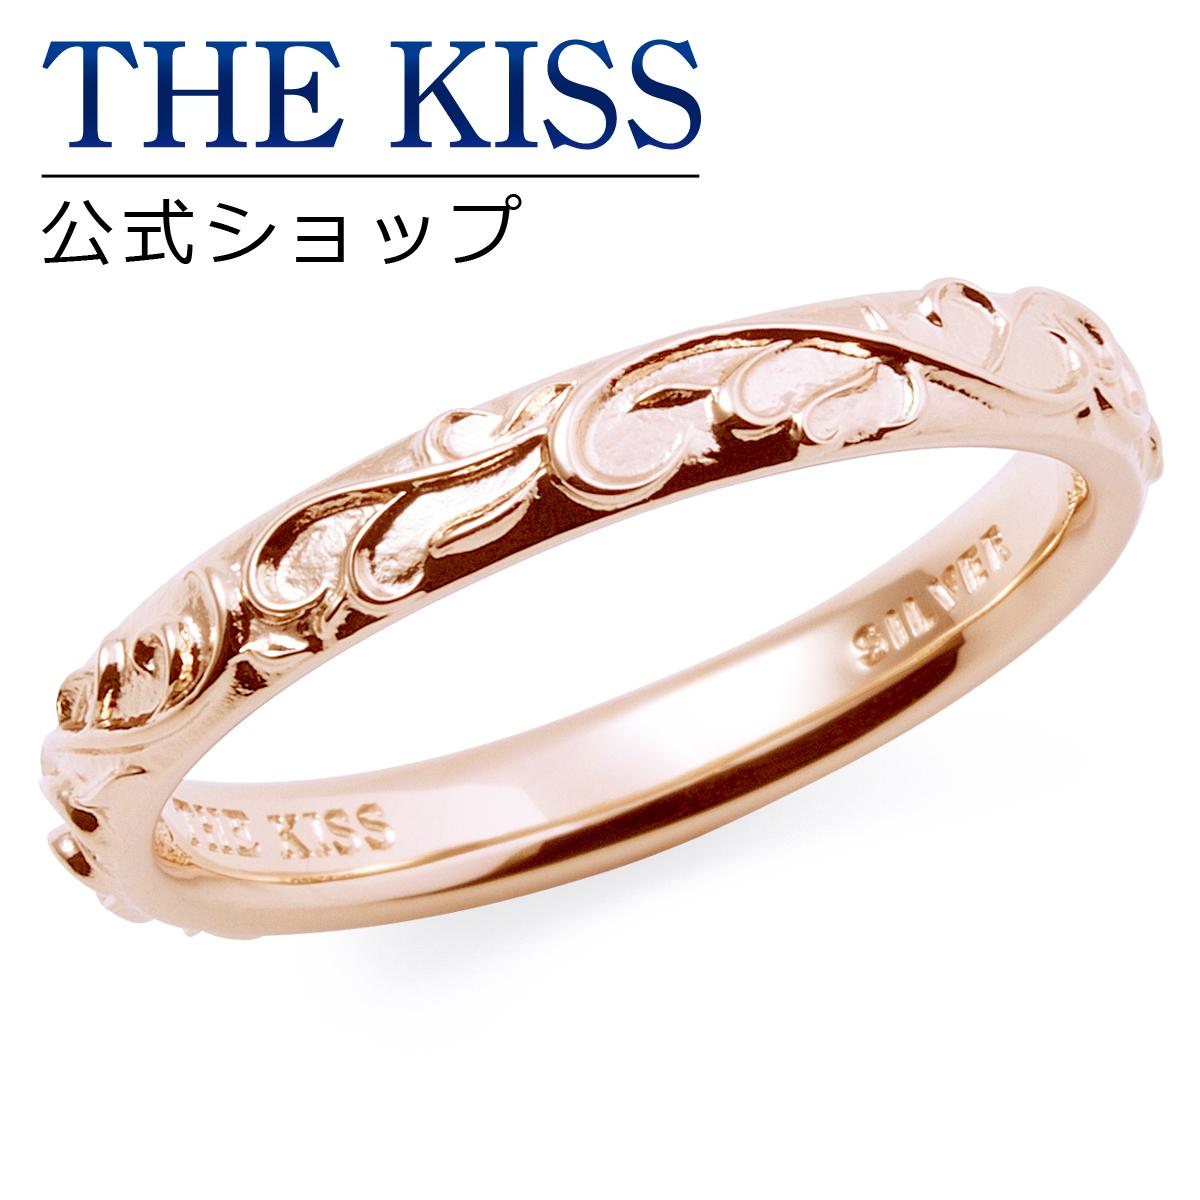 【あす楽対応】THE KISS 公式サイト シルバー ペアリング ( レディース 単品 ) ペアアクセサリー カップル に 人気 の ジュエリーブランド THEKISS ペア リング・指輪 記念日 プレゼント SR1873 ザキス 【送料無料】